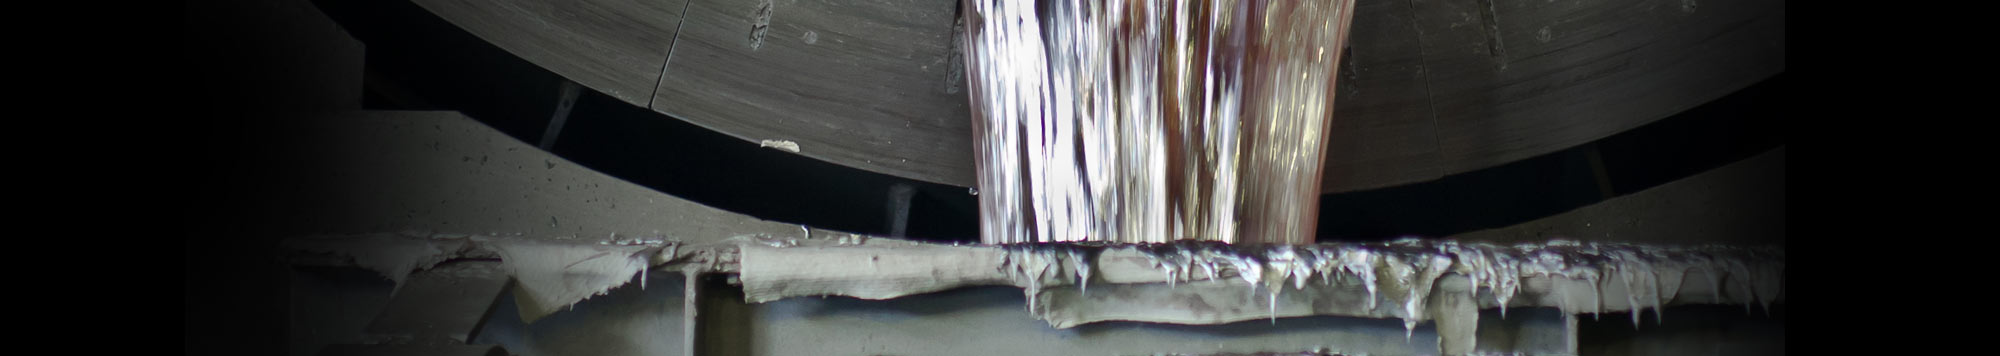 Spezialist auf dem Aluminium-Druckguss